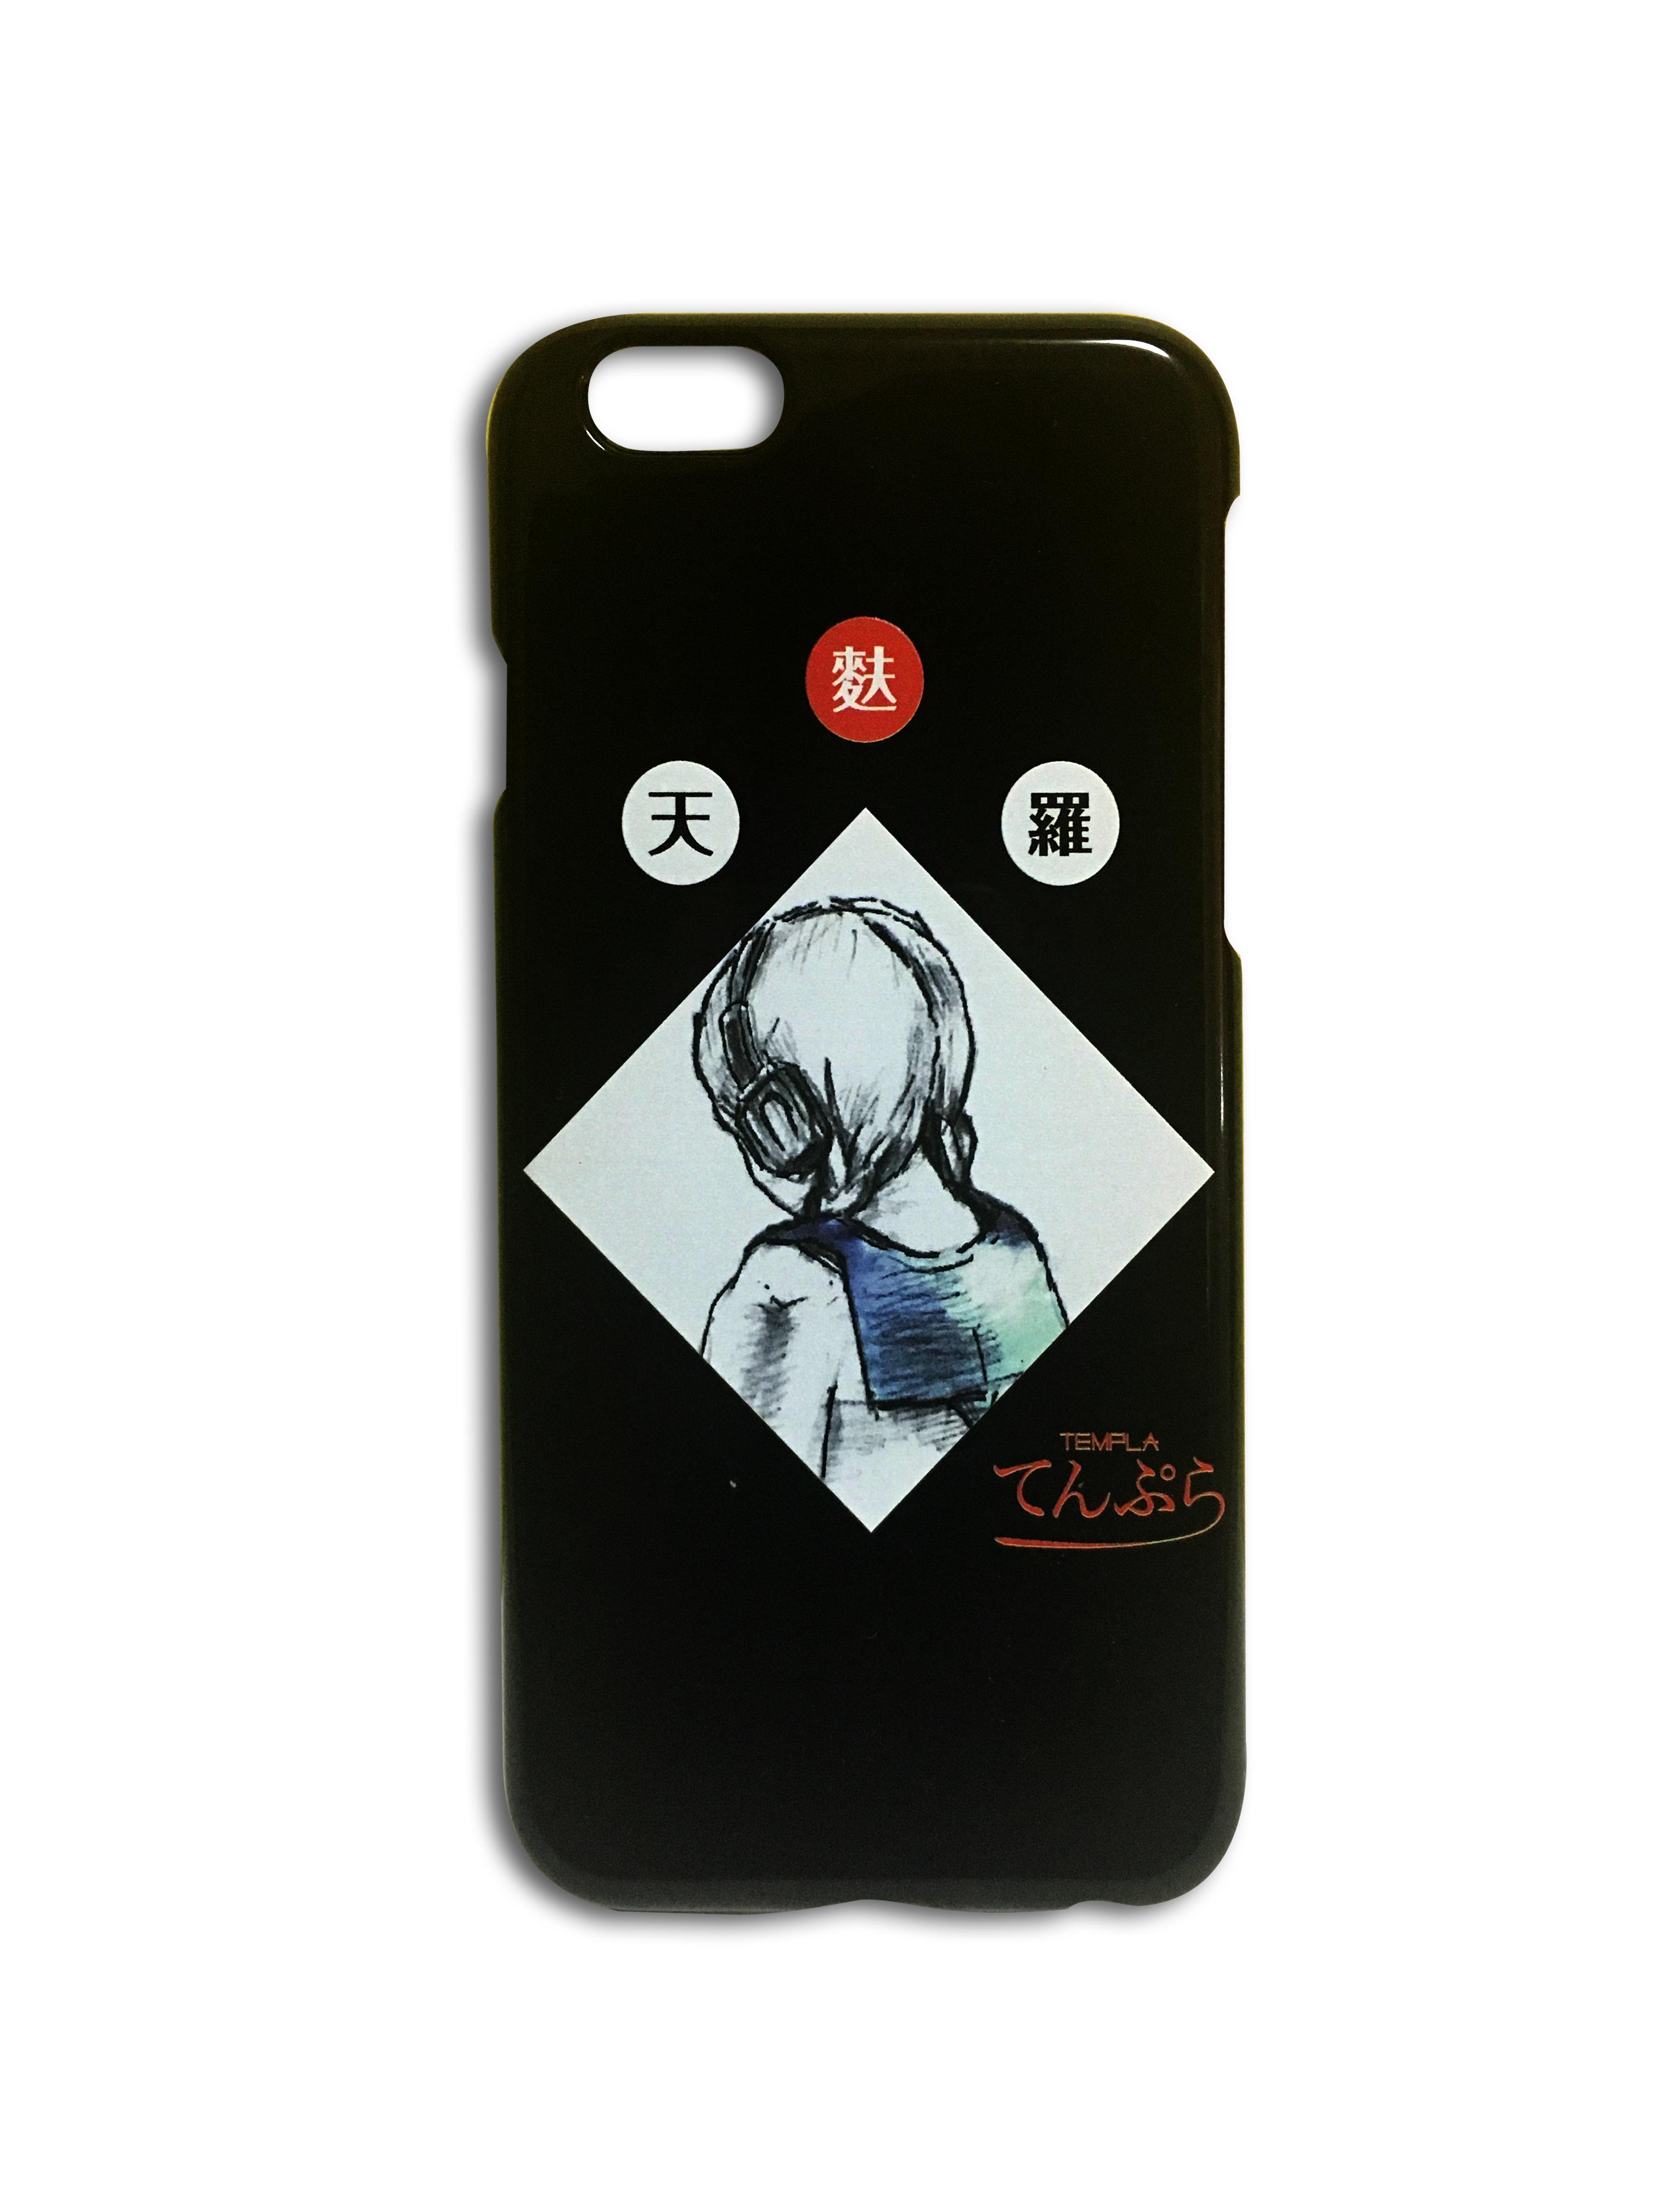 オリジナルiPhoneケース(iPhoneケース6sバージョン)